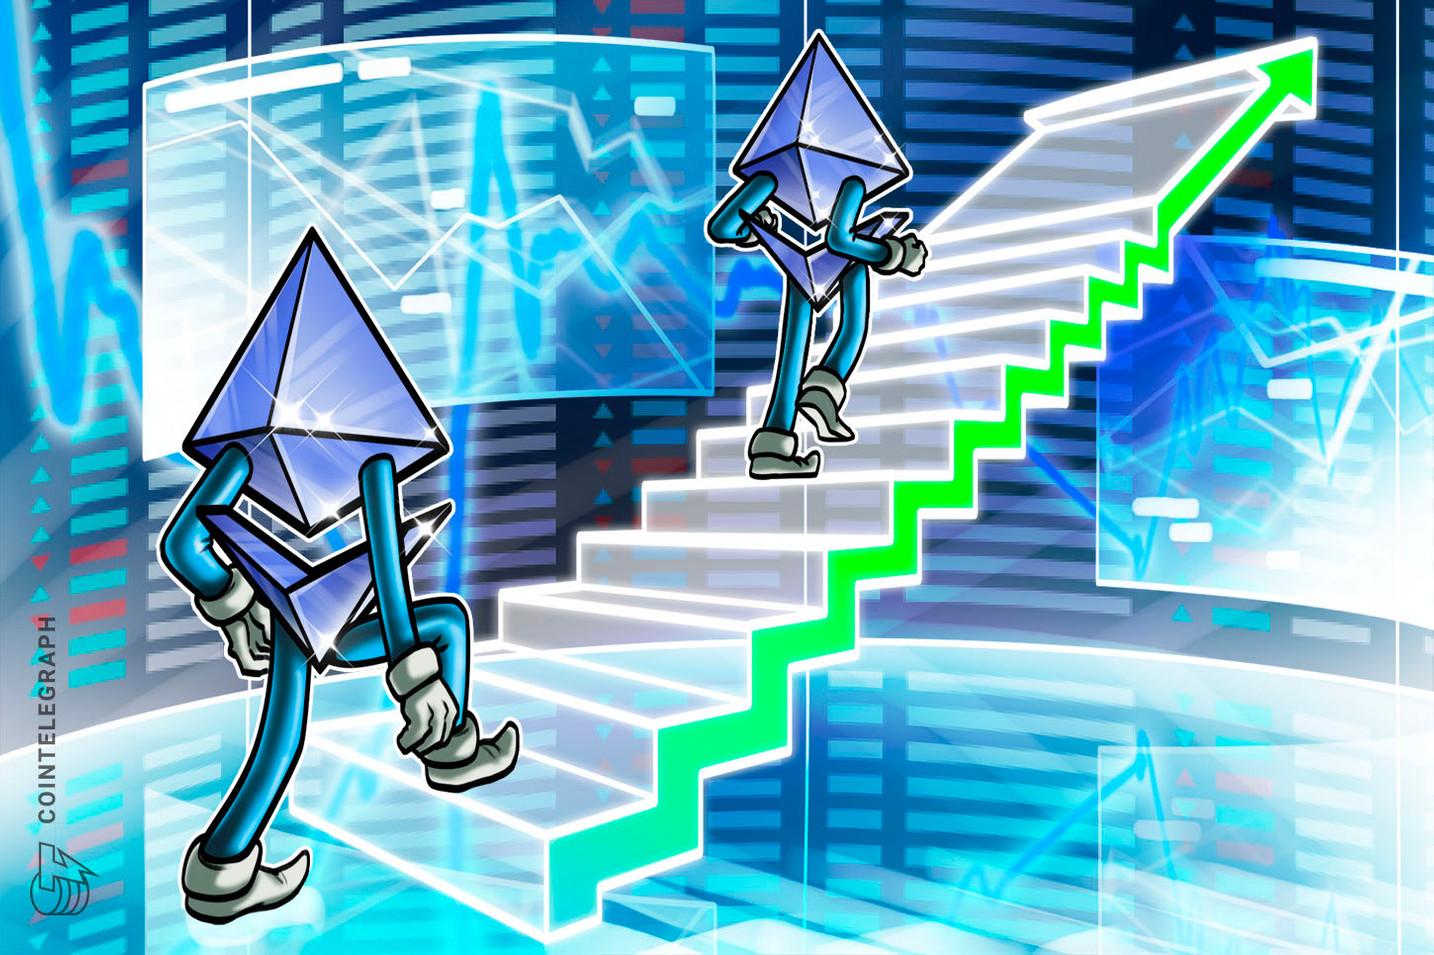 3 ragioni per cui il prezzo di Ethereum potrebbe tornare a 3.000$ nel breve termine